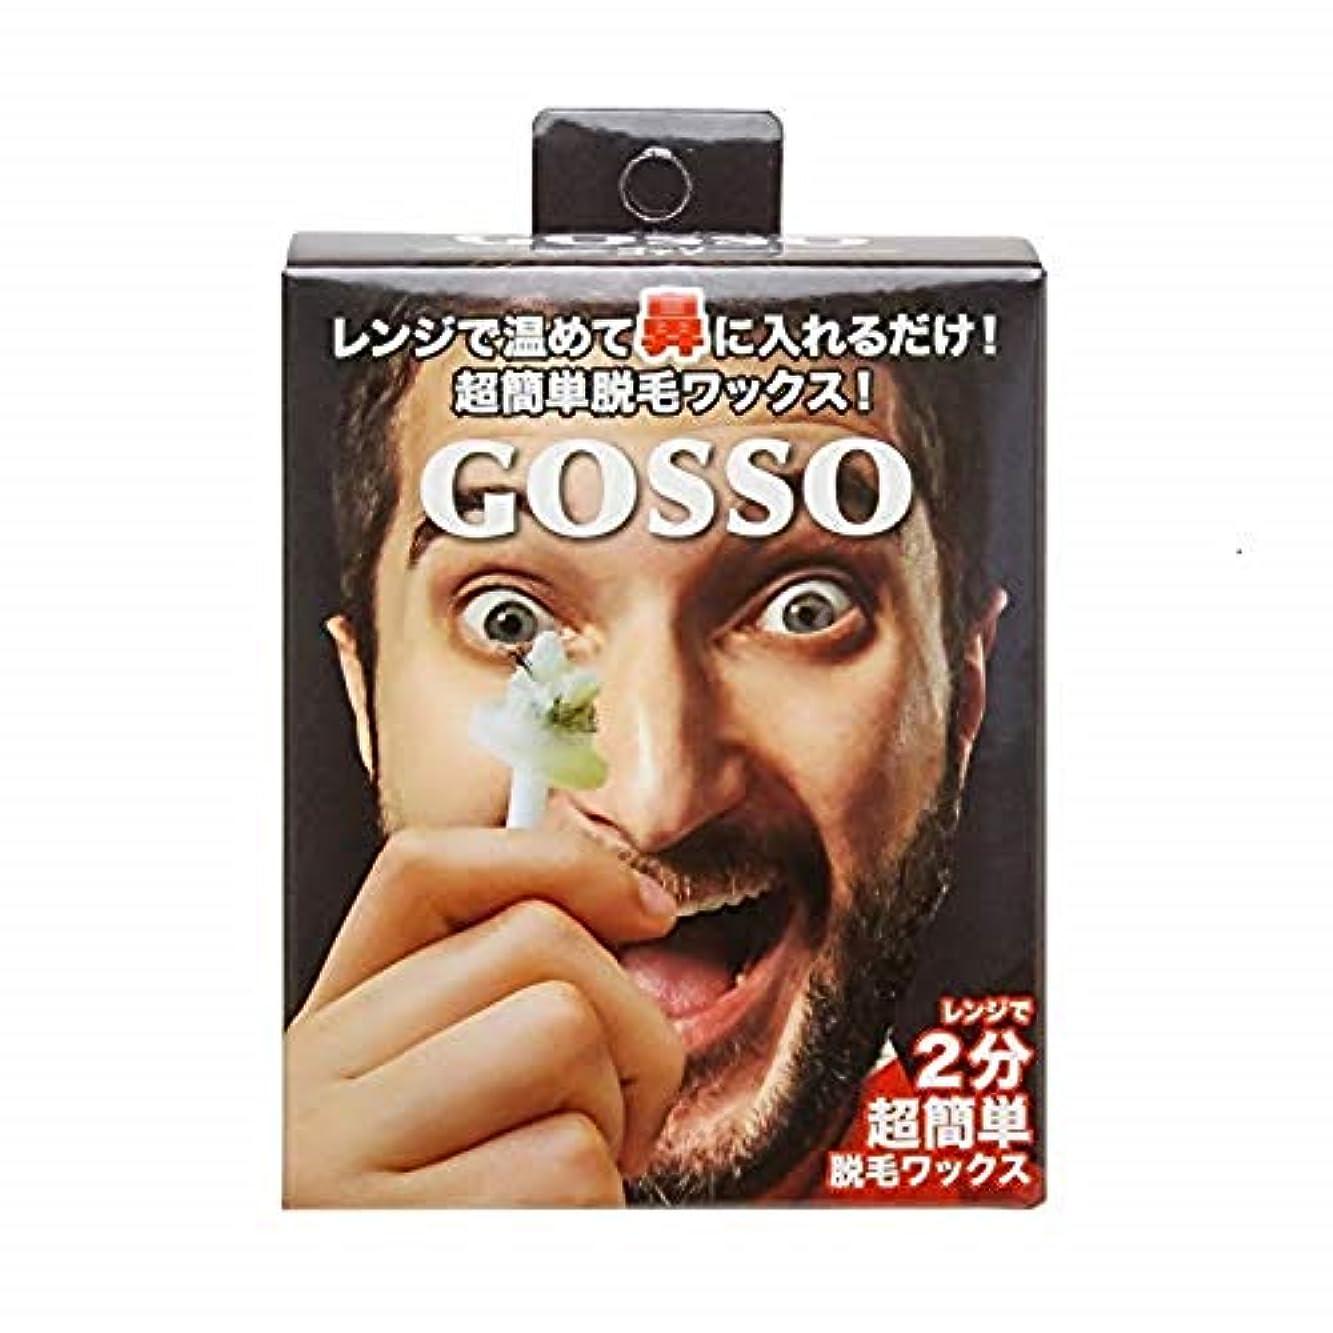 正確な確保するラケットGOSSO ゴッソ (ブラジリアンワックス鼻毛脱毛セット) (セット, 1個)